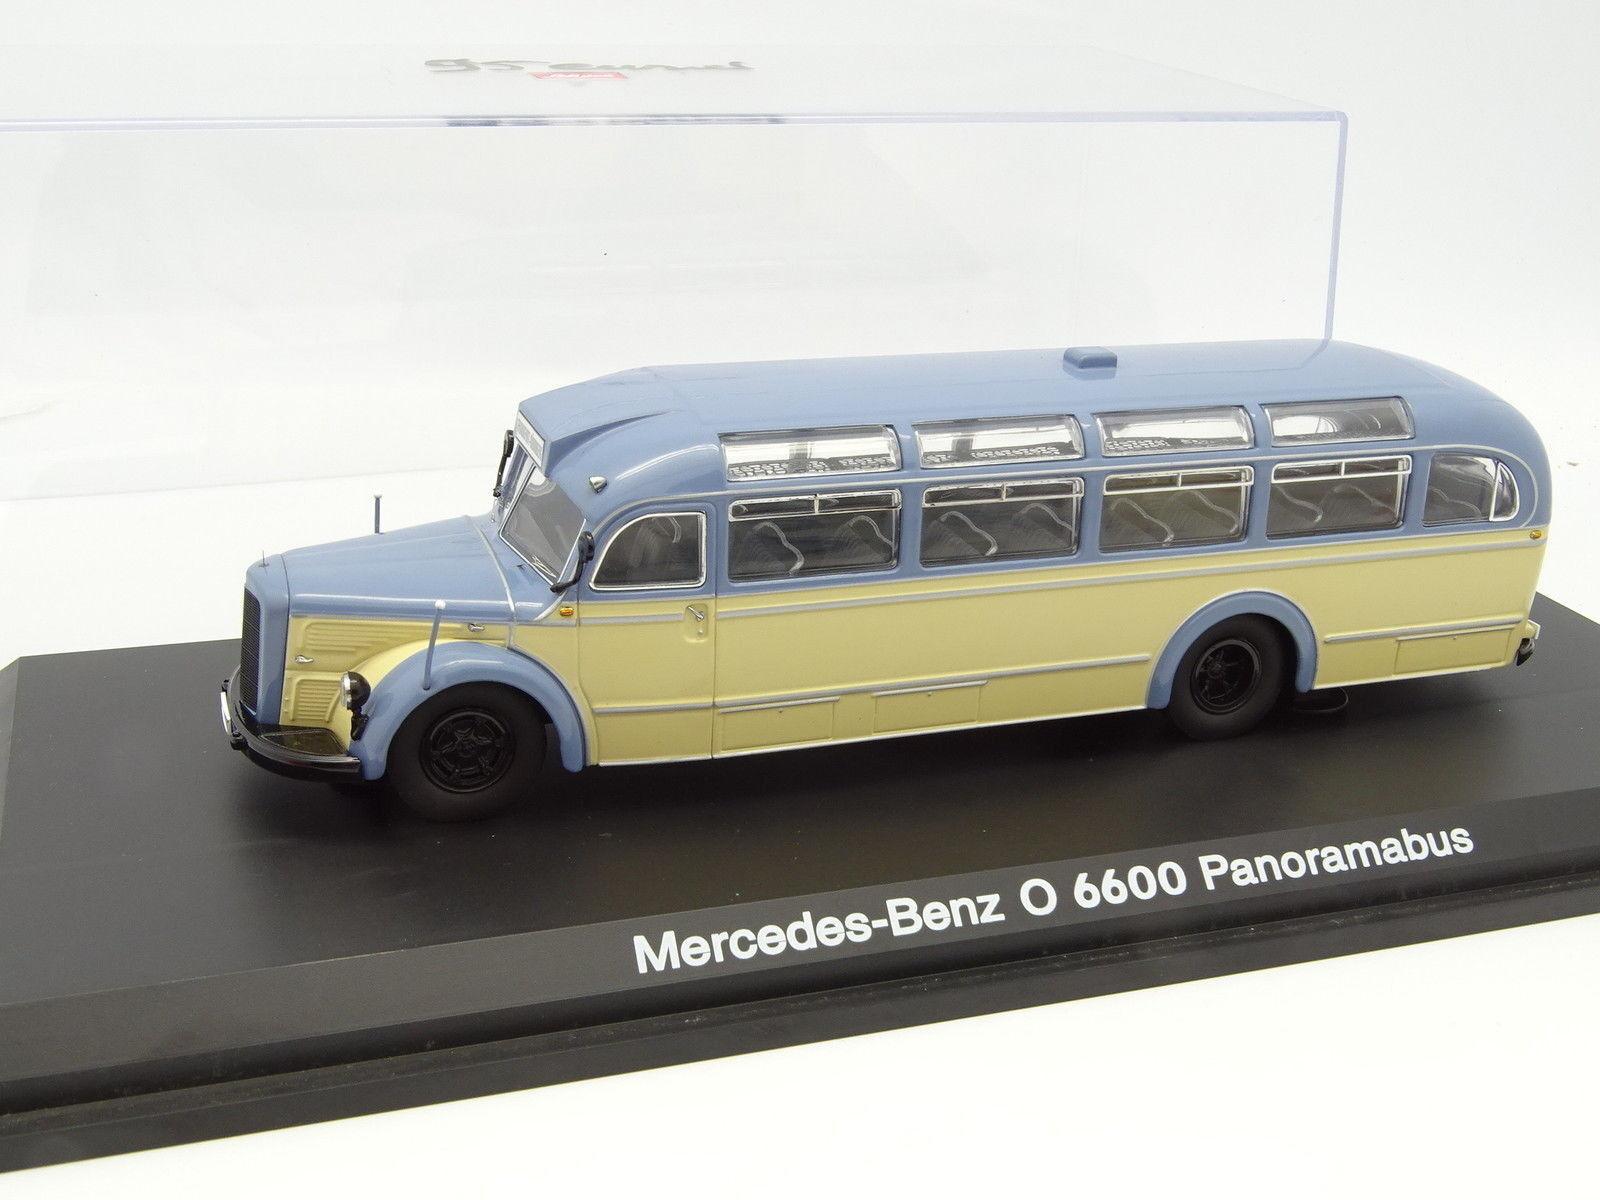 diseños exclusivos Schuco 1 43 - Bus Bus Bus Coche AutoCoche Mercedes O 6600 Panoramabus  descuento de bajo precio